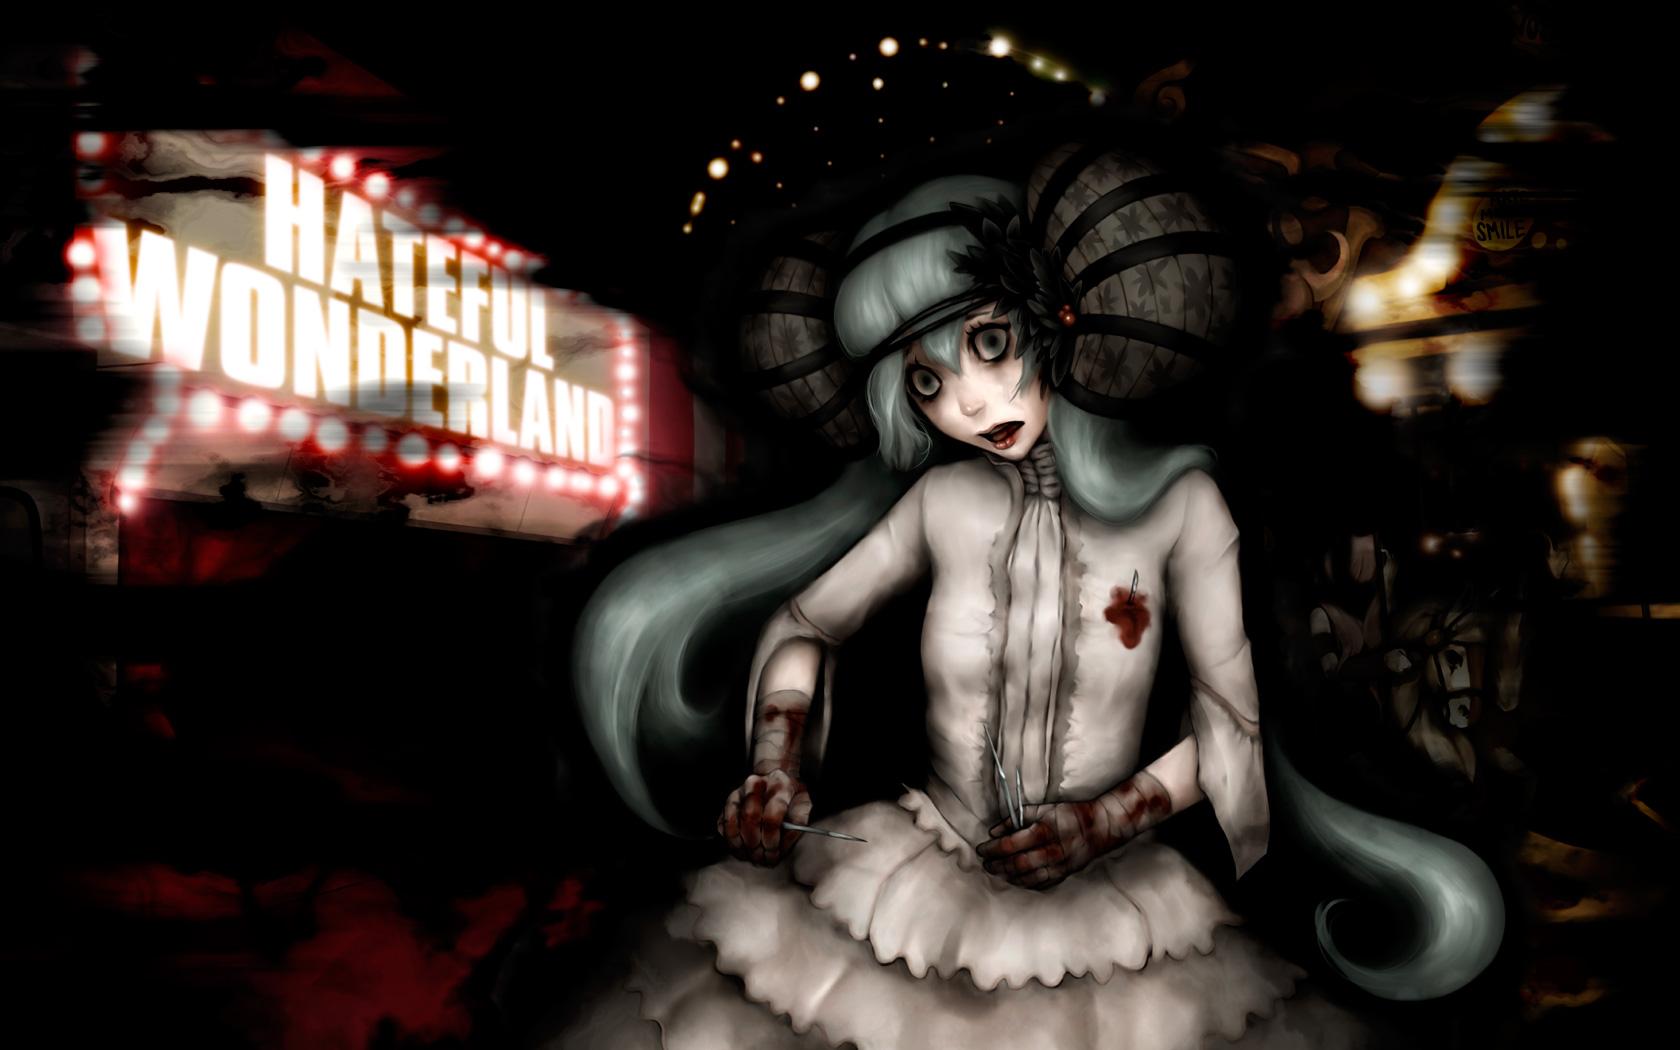 ヘイトフルワンダーランド (Hateful Wonderland)